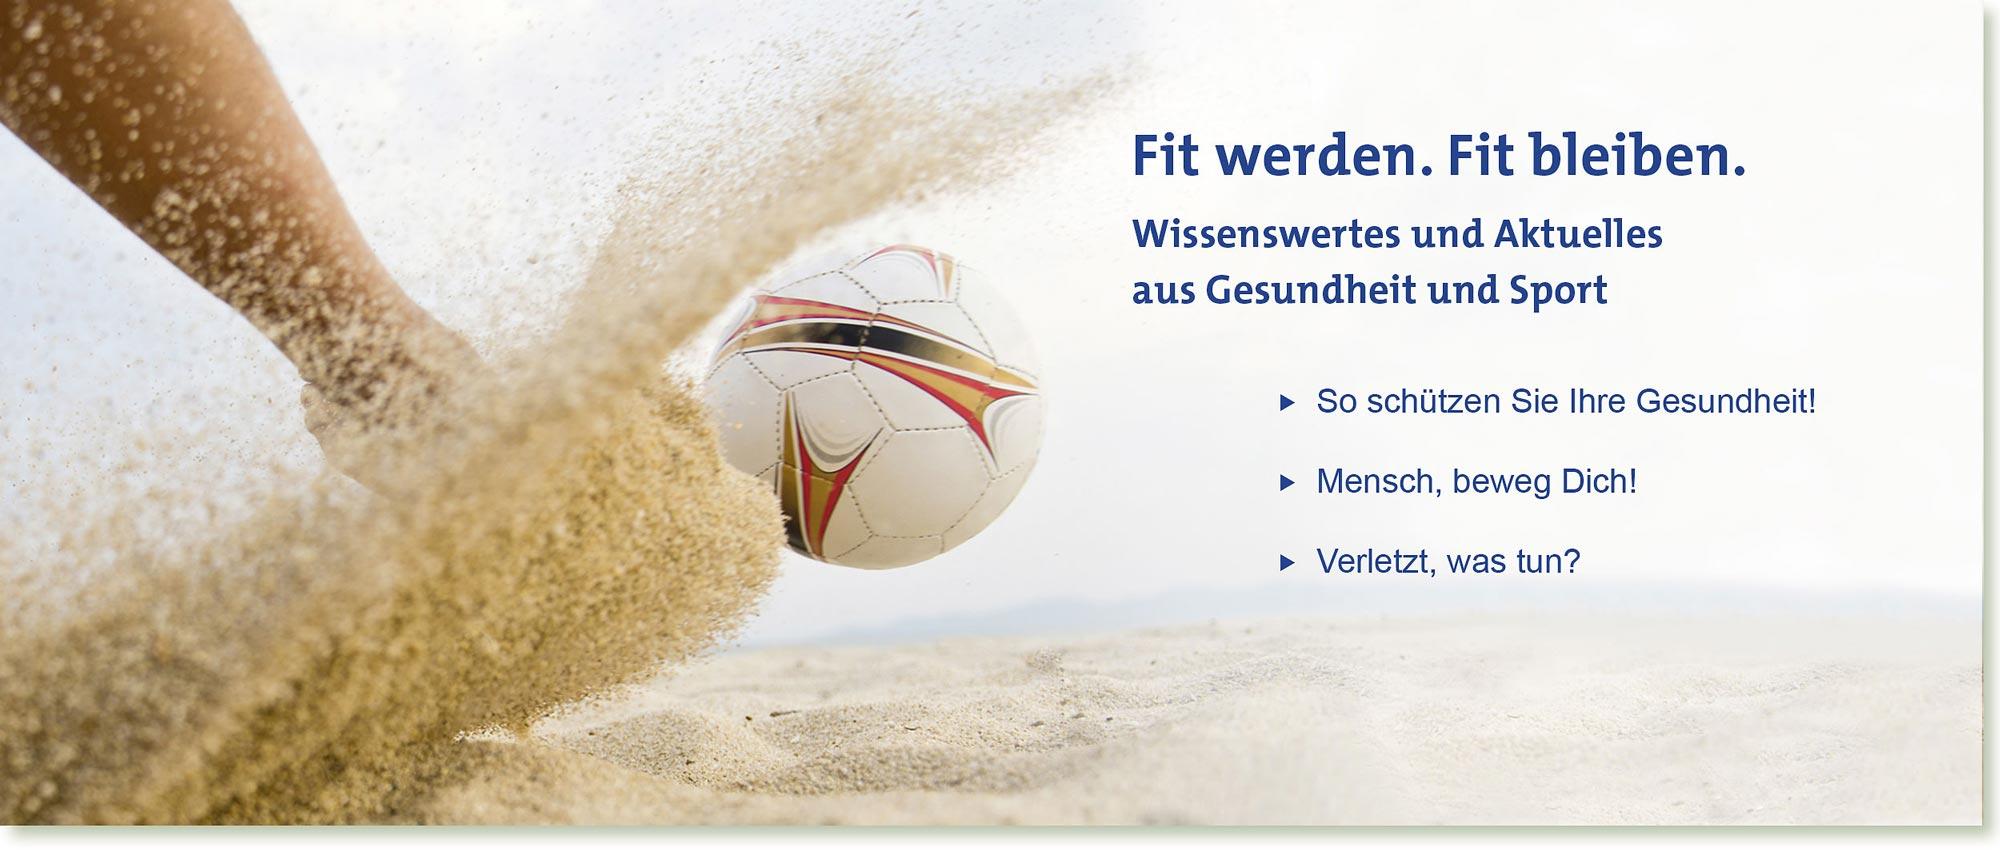 Slider | [formula] Müller-Wohlfahrt Gesundheit und Sport im Sommer